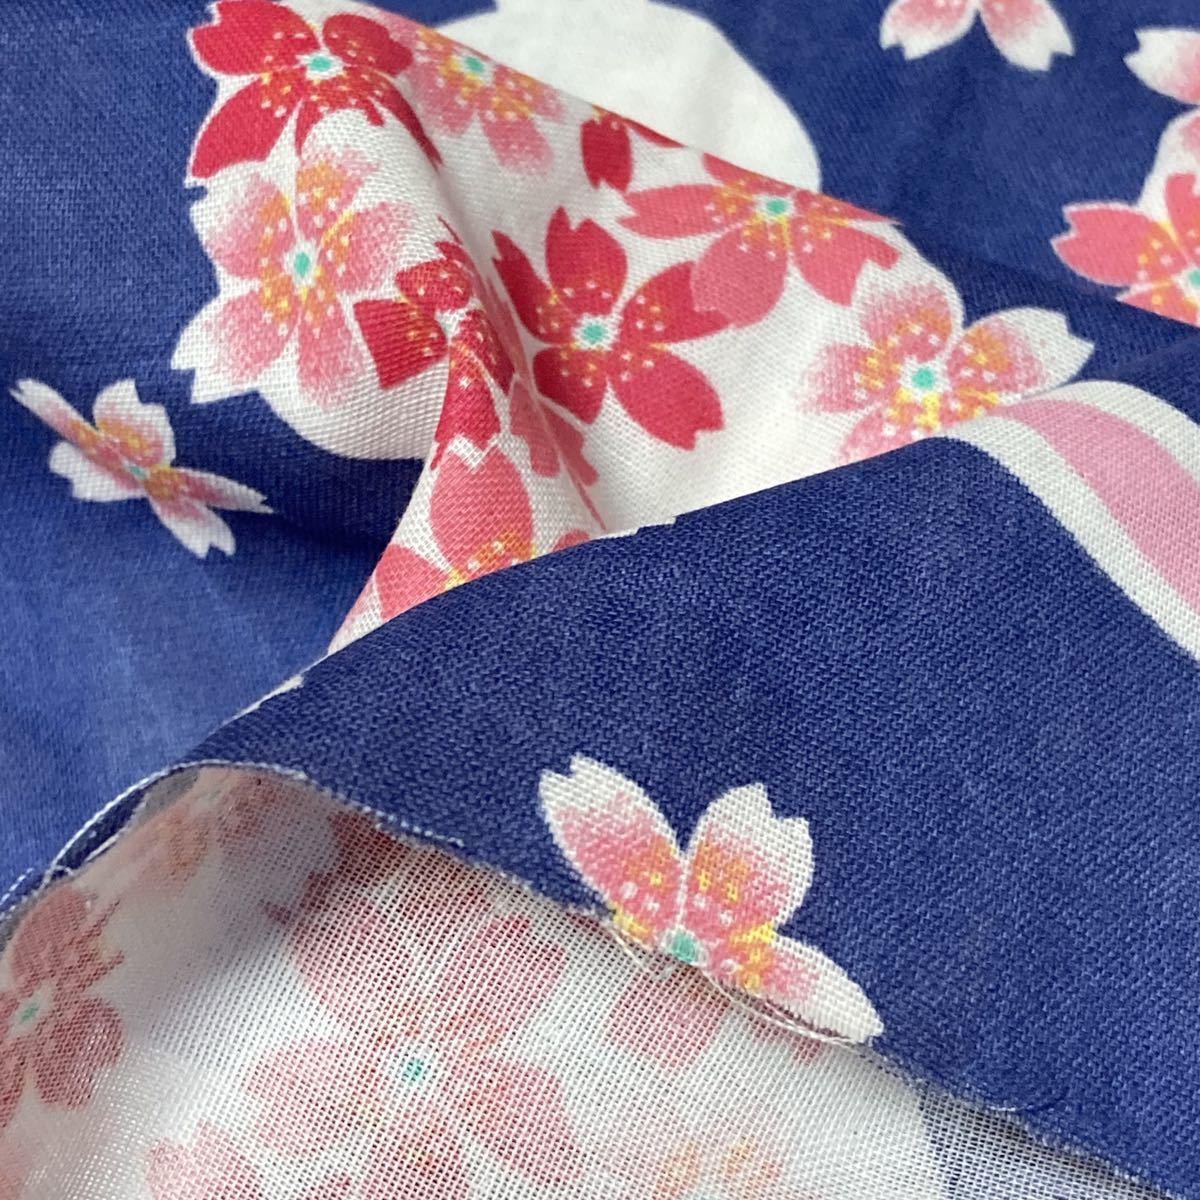 ダブルガーゼ ネイビーウサギ桜 150cm×100cm送料込_画像2